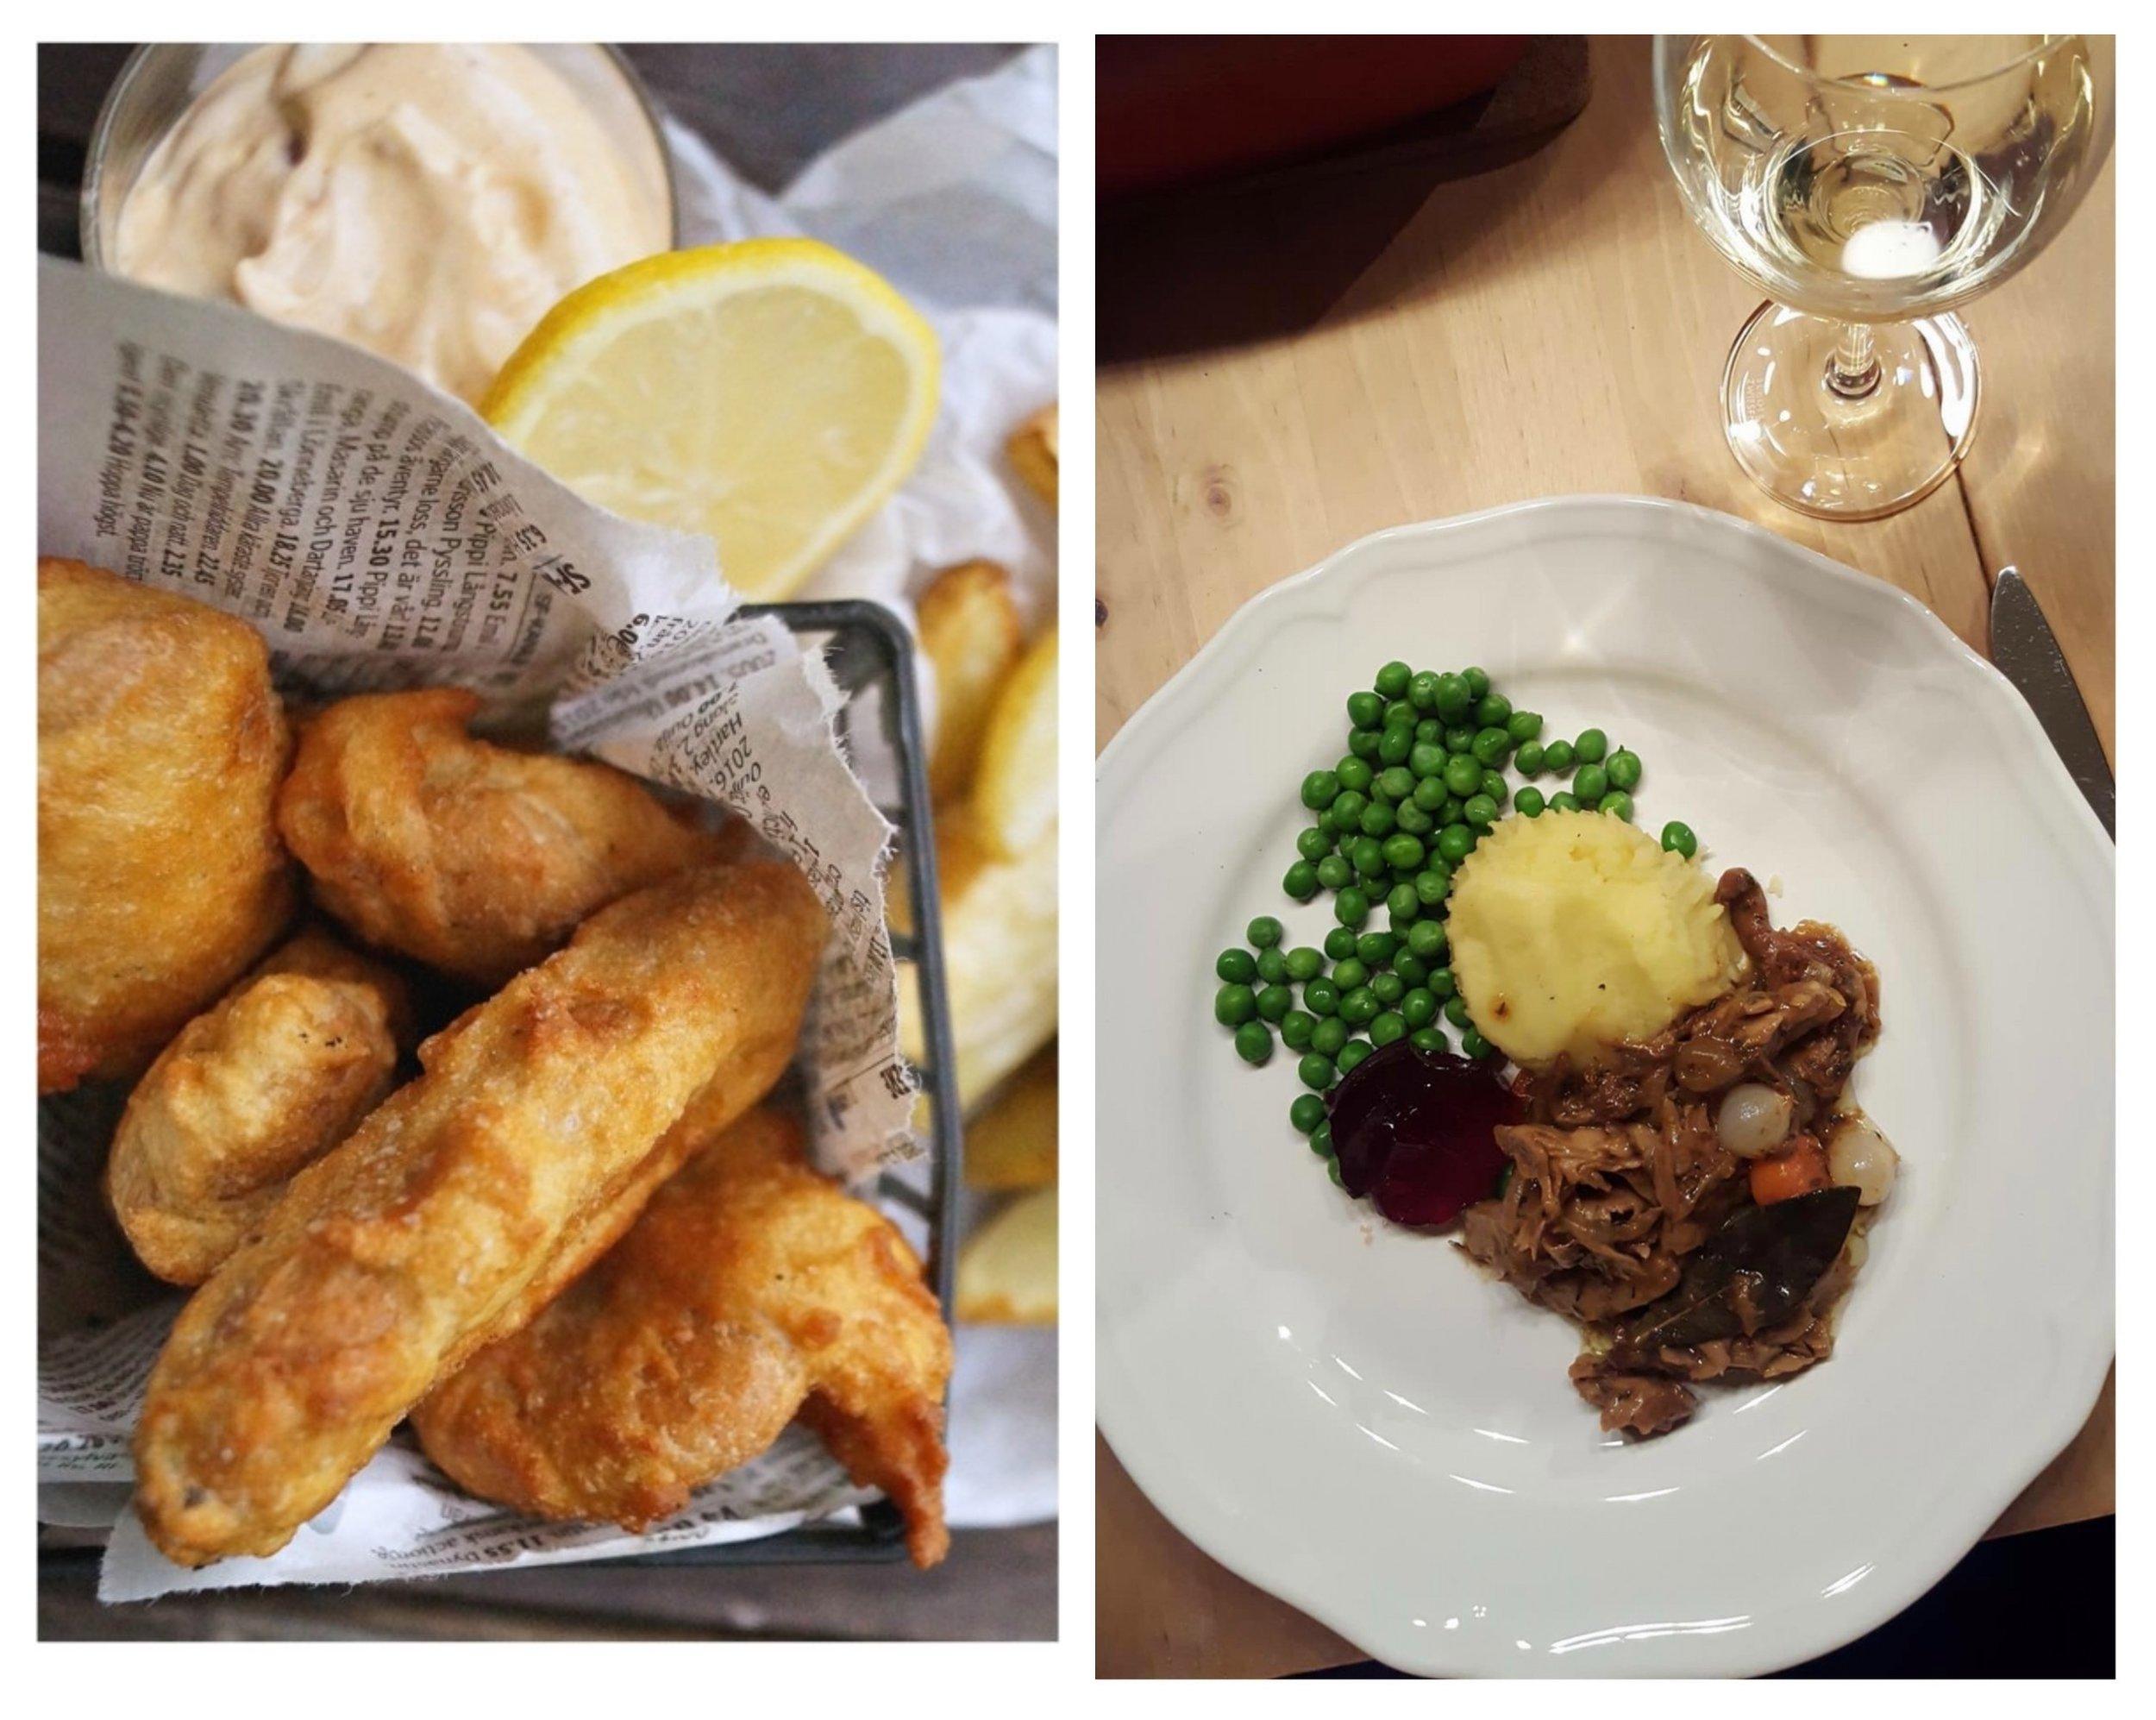 Fler goda tips:  Tzay&chips  och  Viltgryta